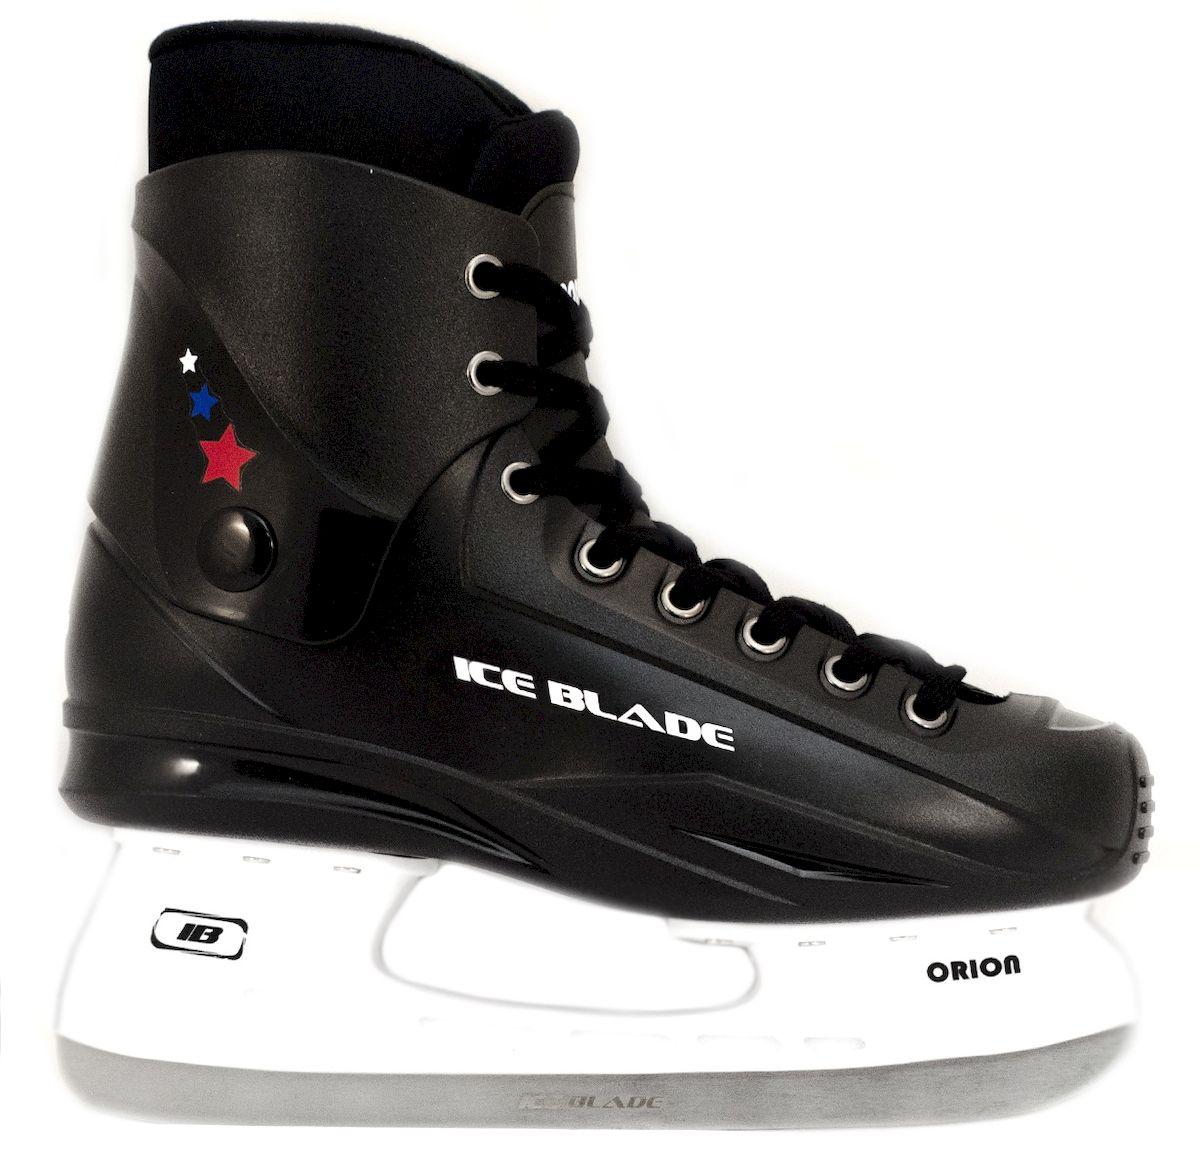 Коньки хоккейные Ice Blade Orion, цвет: черный. УТ-00004984. Размер 39